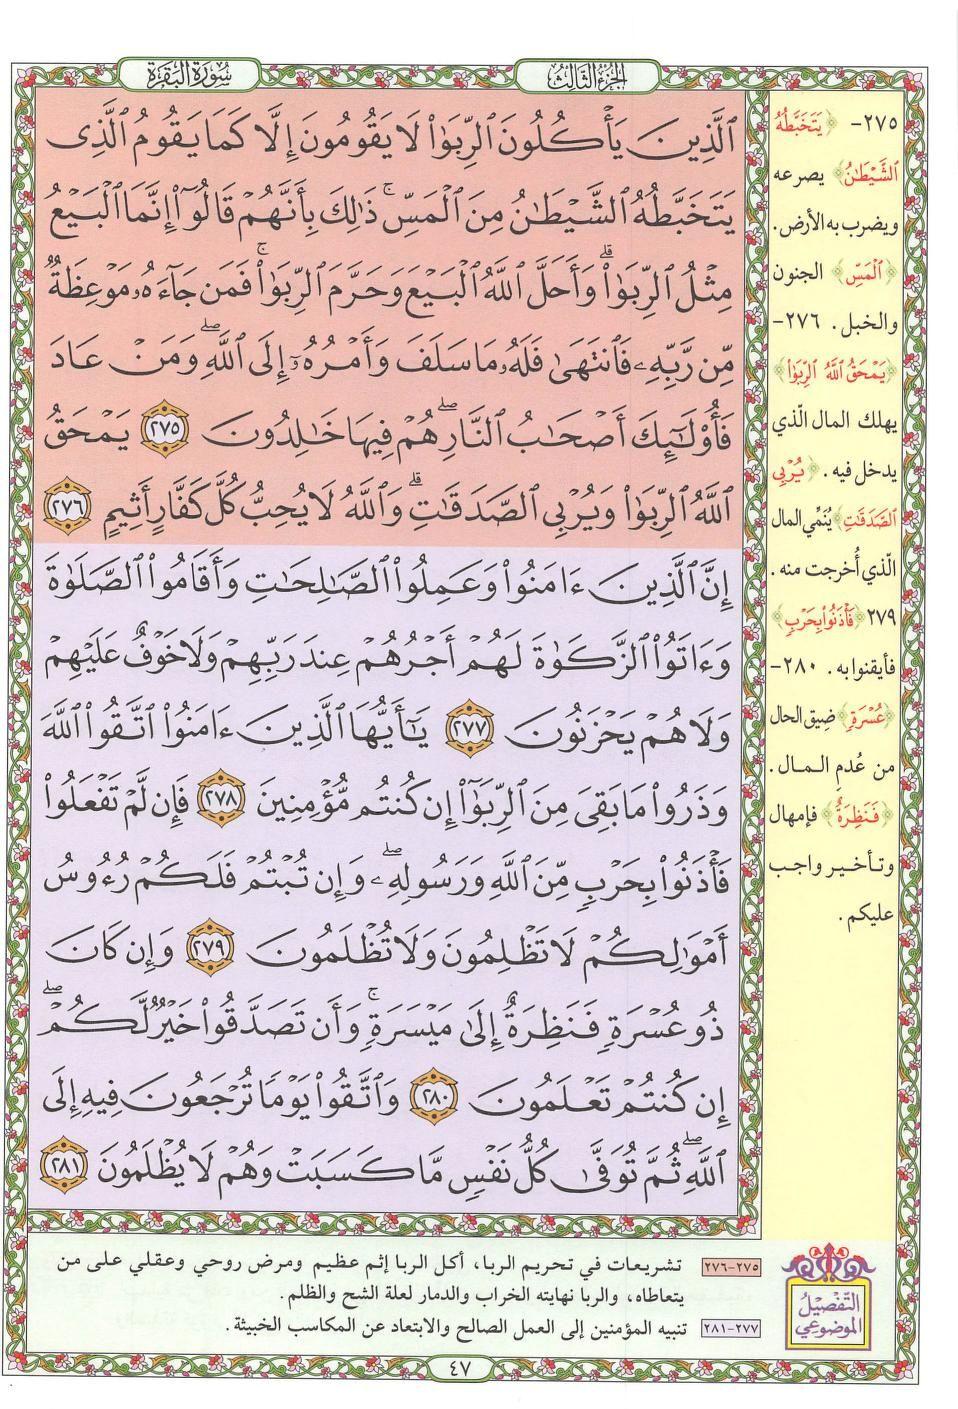 ٢٧٥ ٢٨١ البقرة مصحف التفصيل الموضوعي Quran Verses Bullet Journal Verses